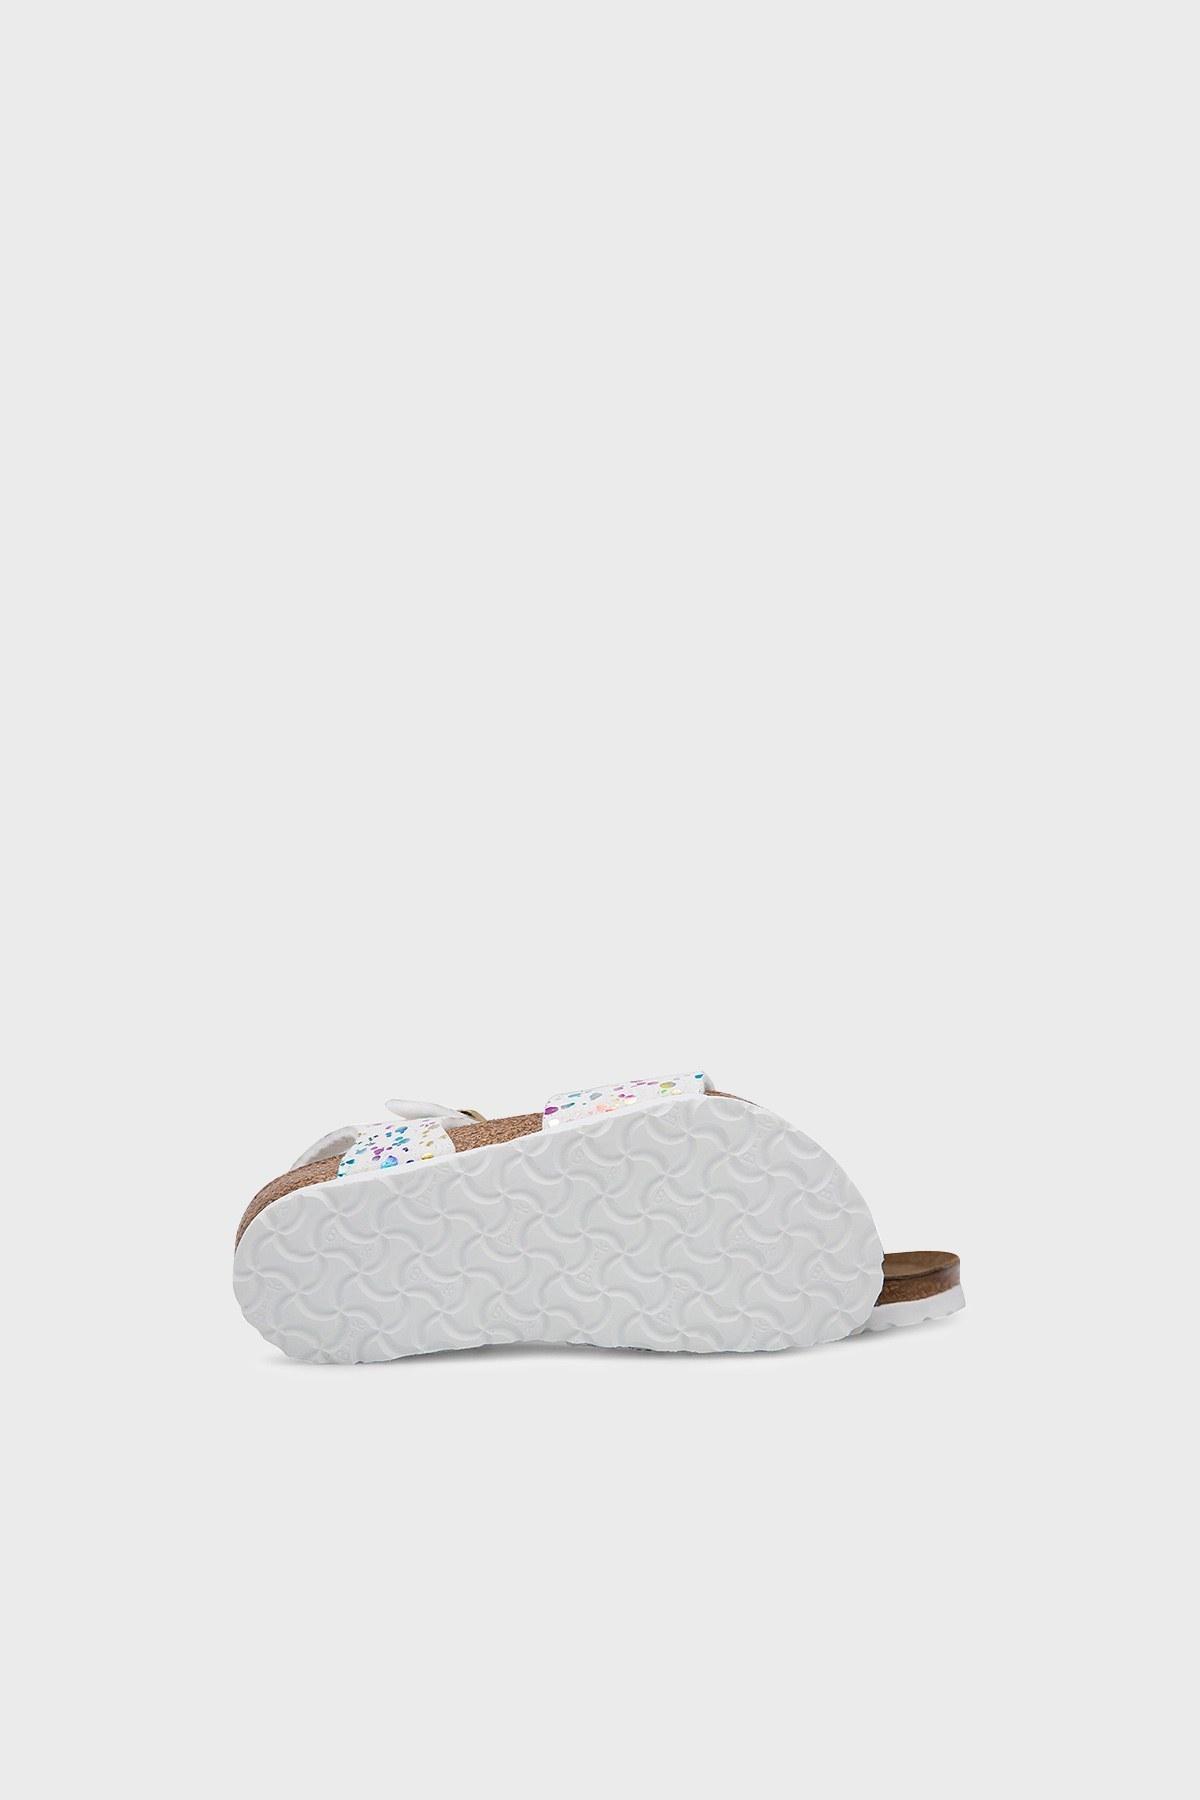 Birkenstock Rio Mf Unisex Sandalet 1015987 BEYAZ